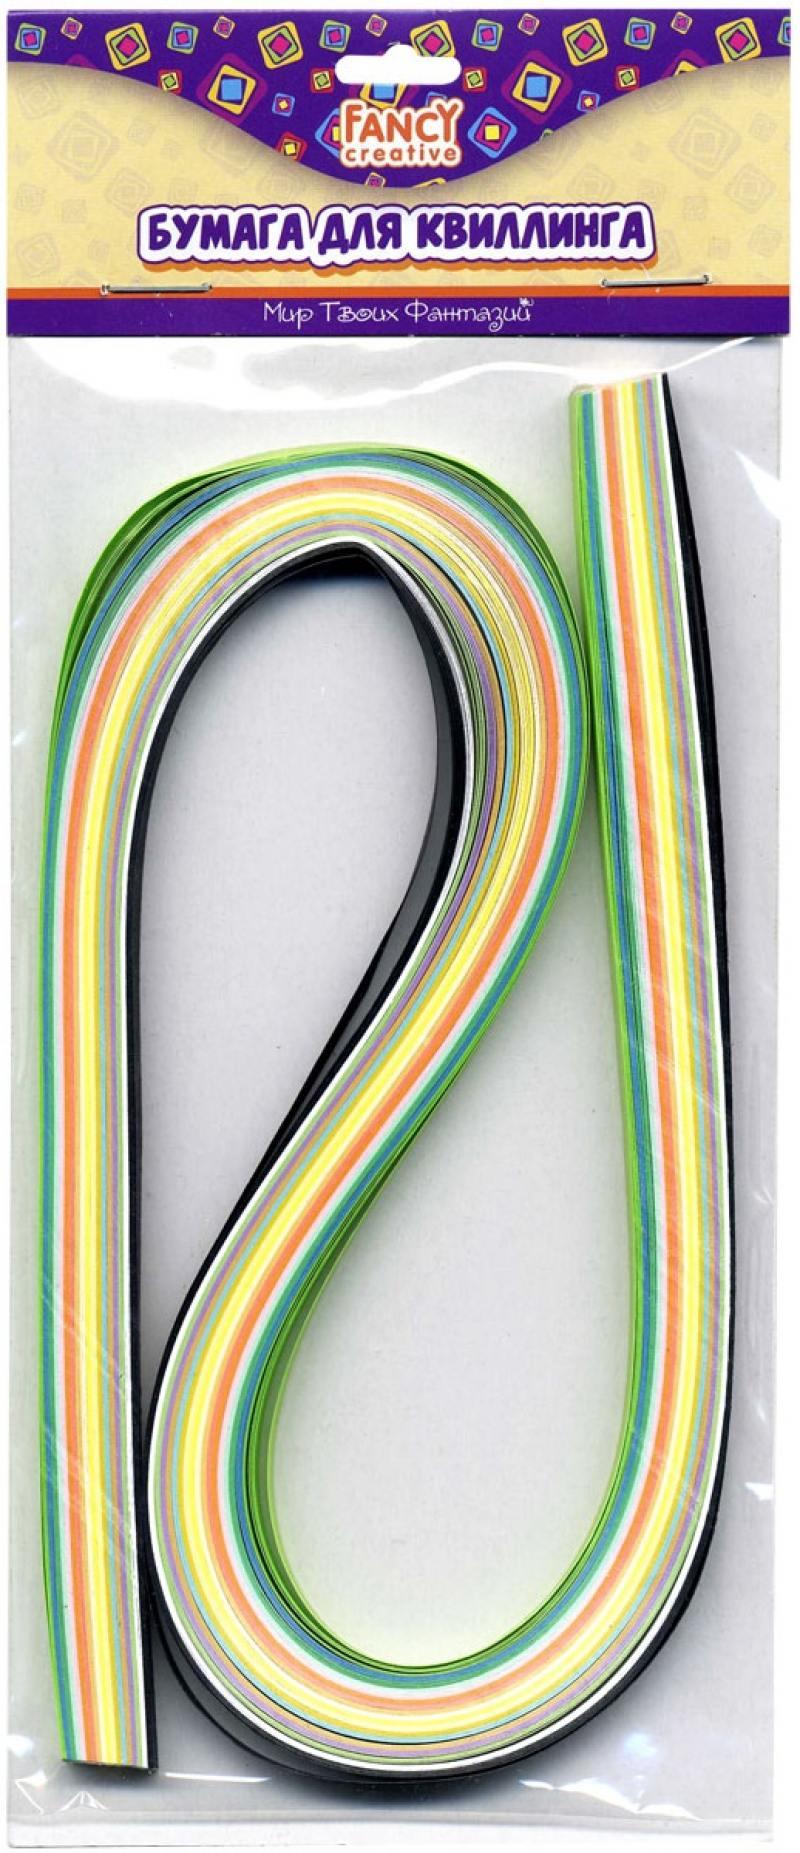 Картинка для Бумага для квиллинга Fancy Creative Микс 6 мм 100 листов FD090011